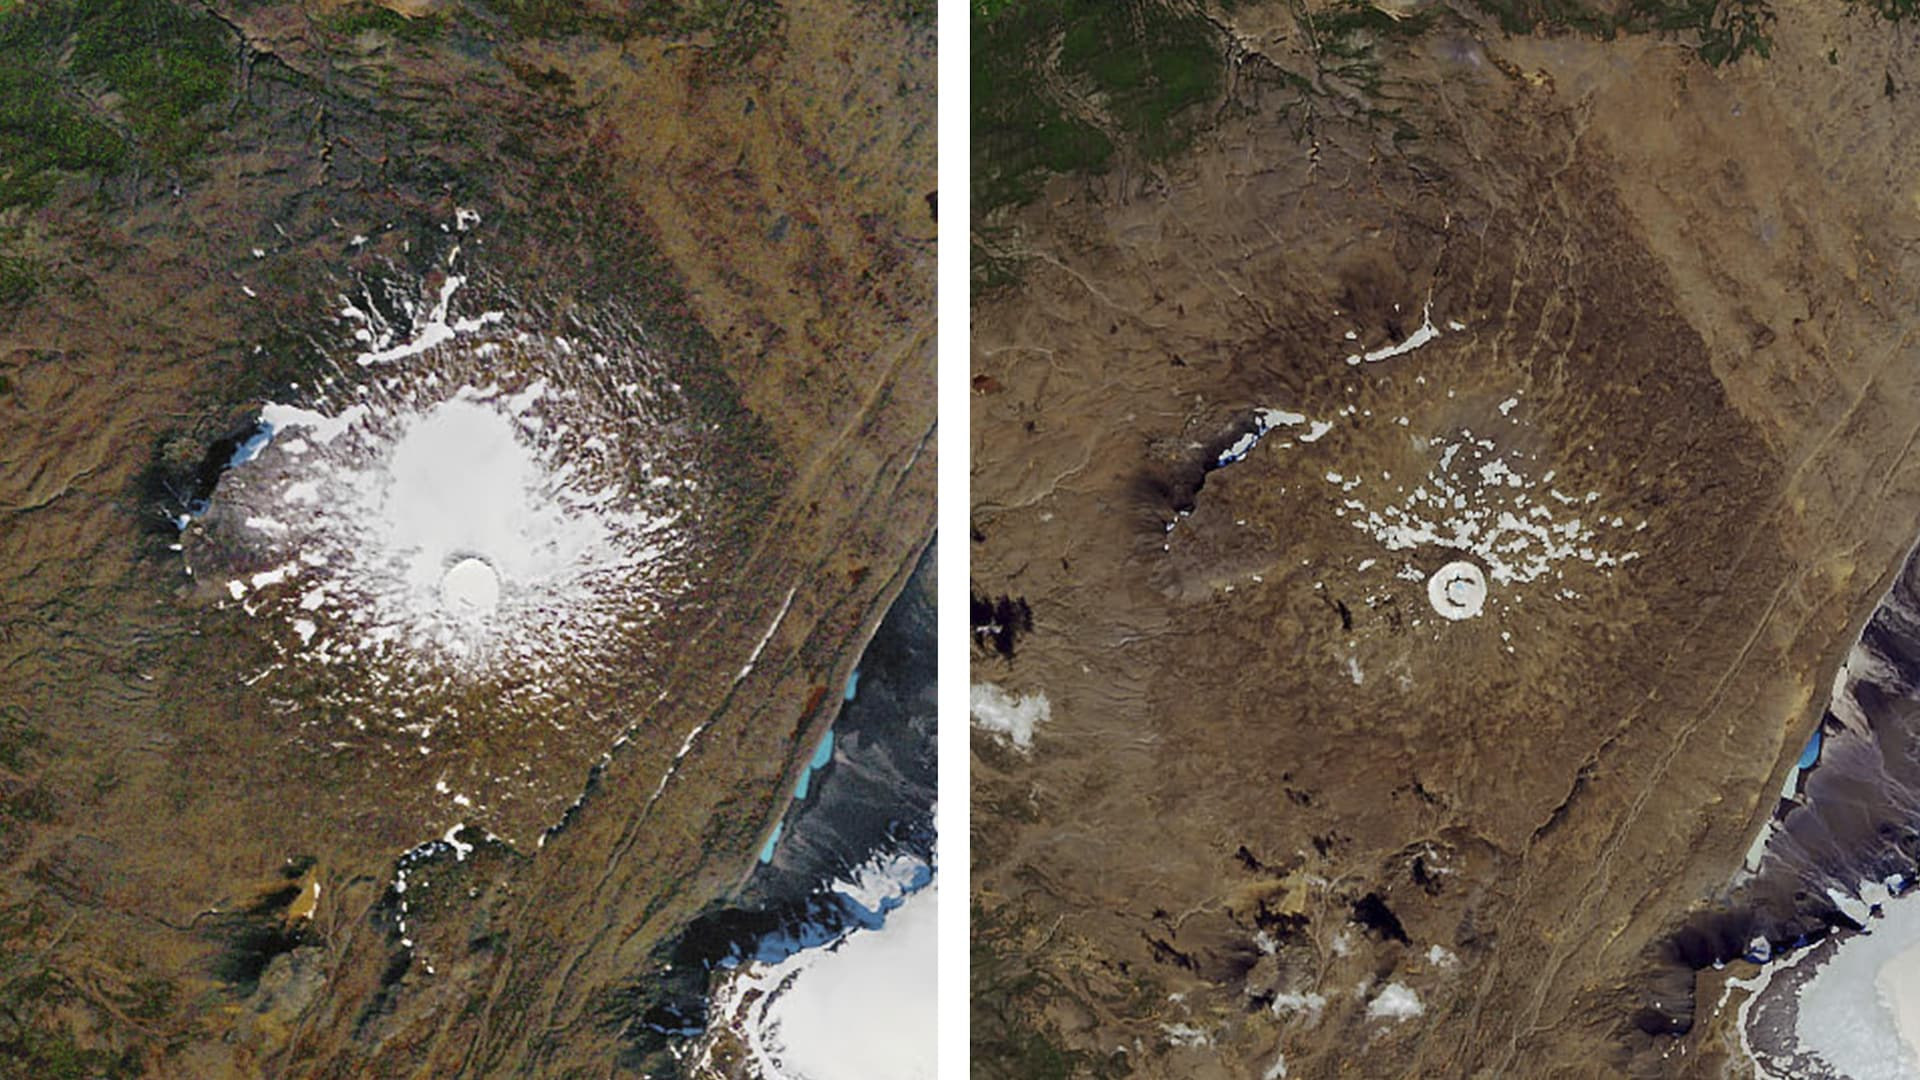 À gauche, une photo aérienne du glacier prise par la NASA en septembre 1986, et à droite, le même point de vue en août 2019. La superficie a grandement diminué.